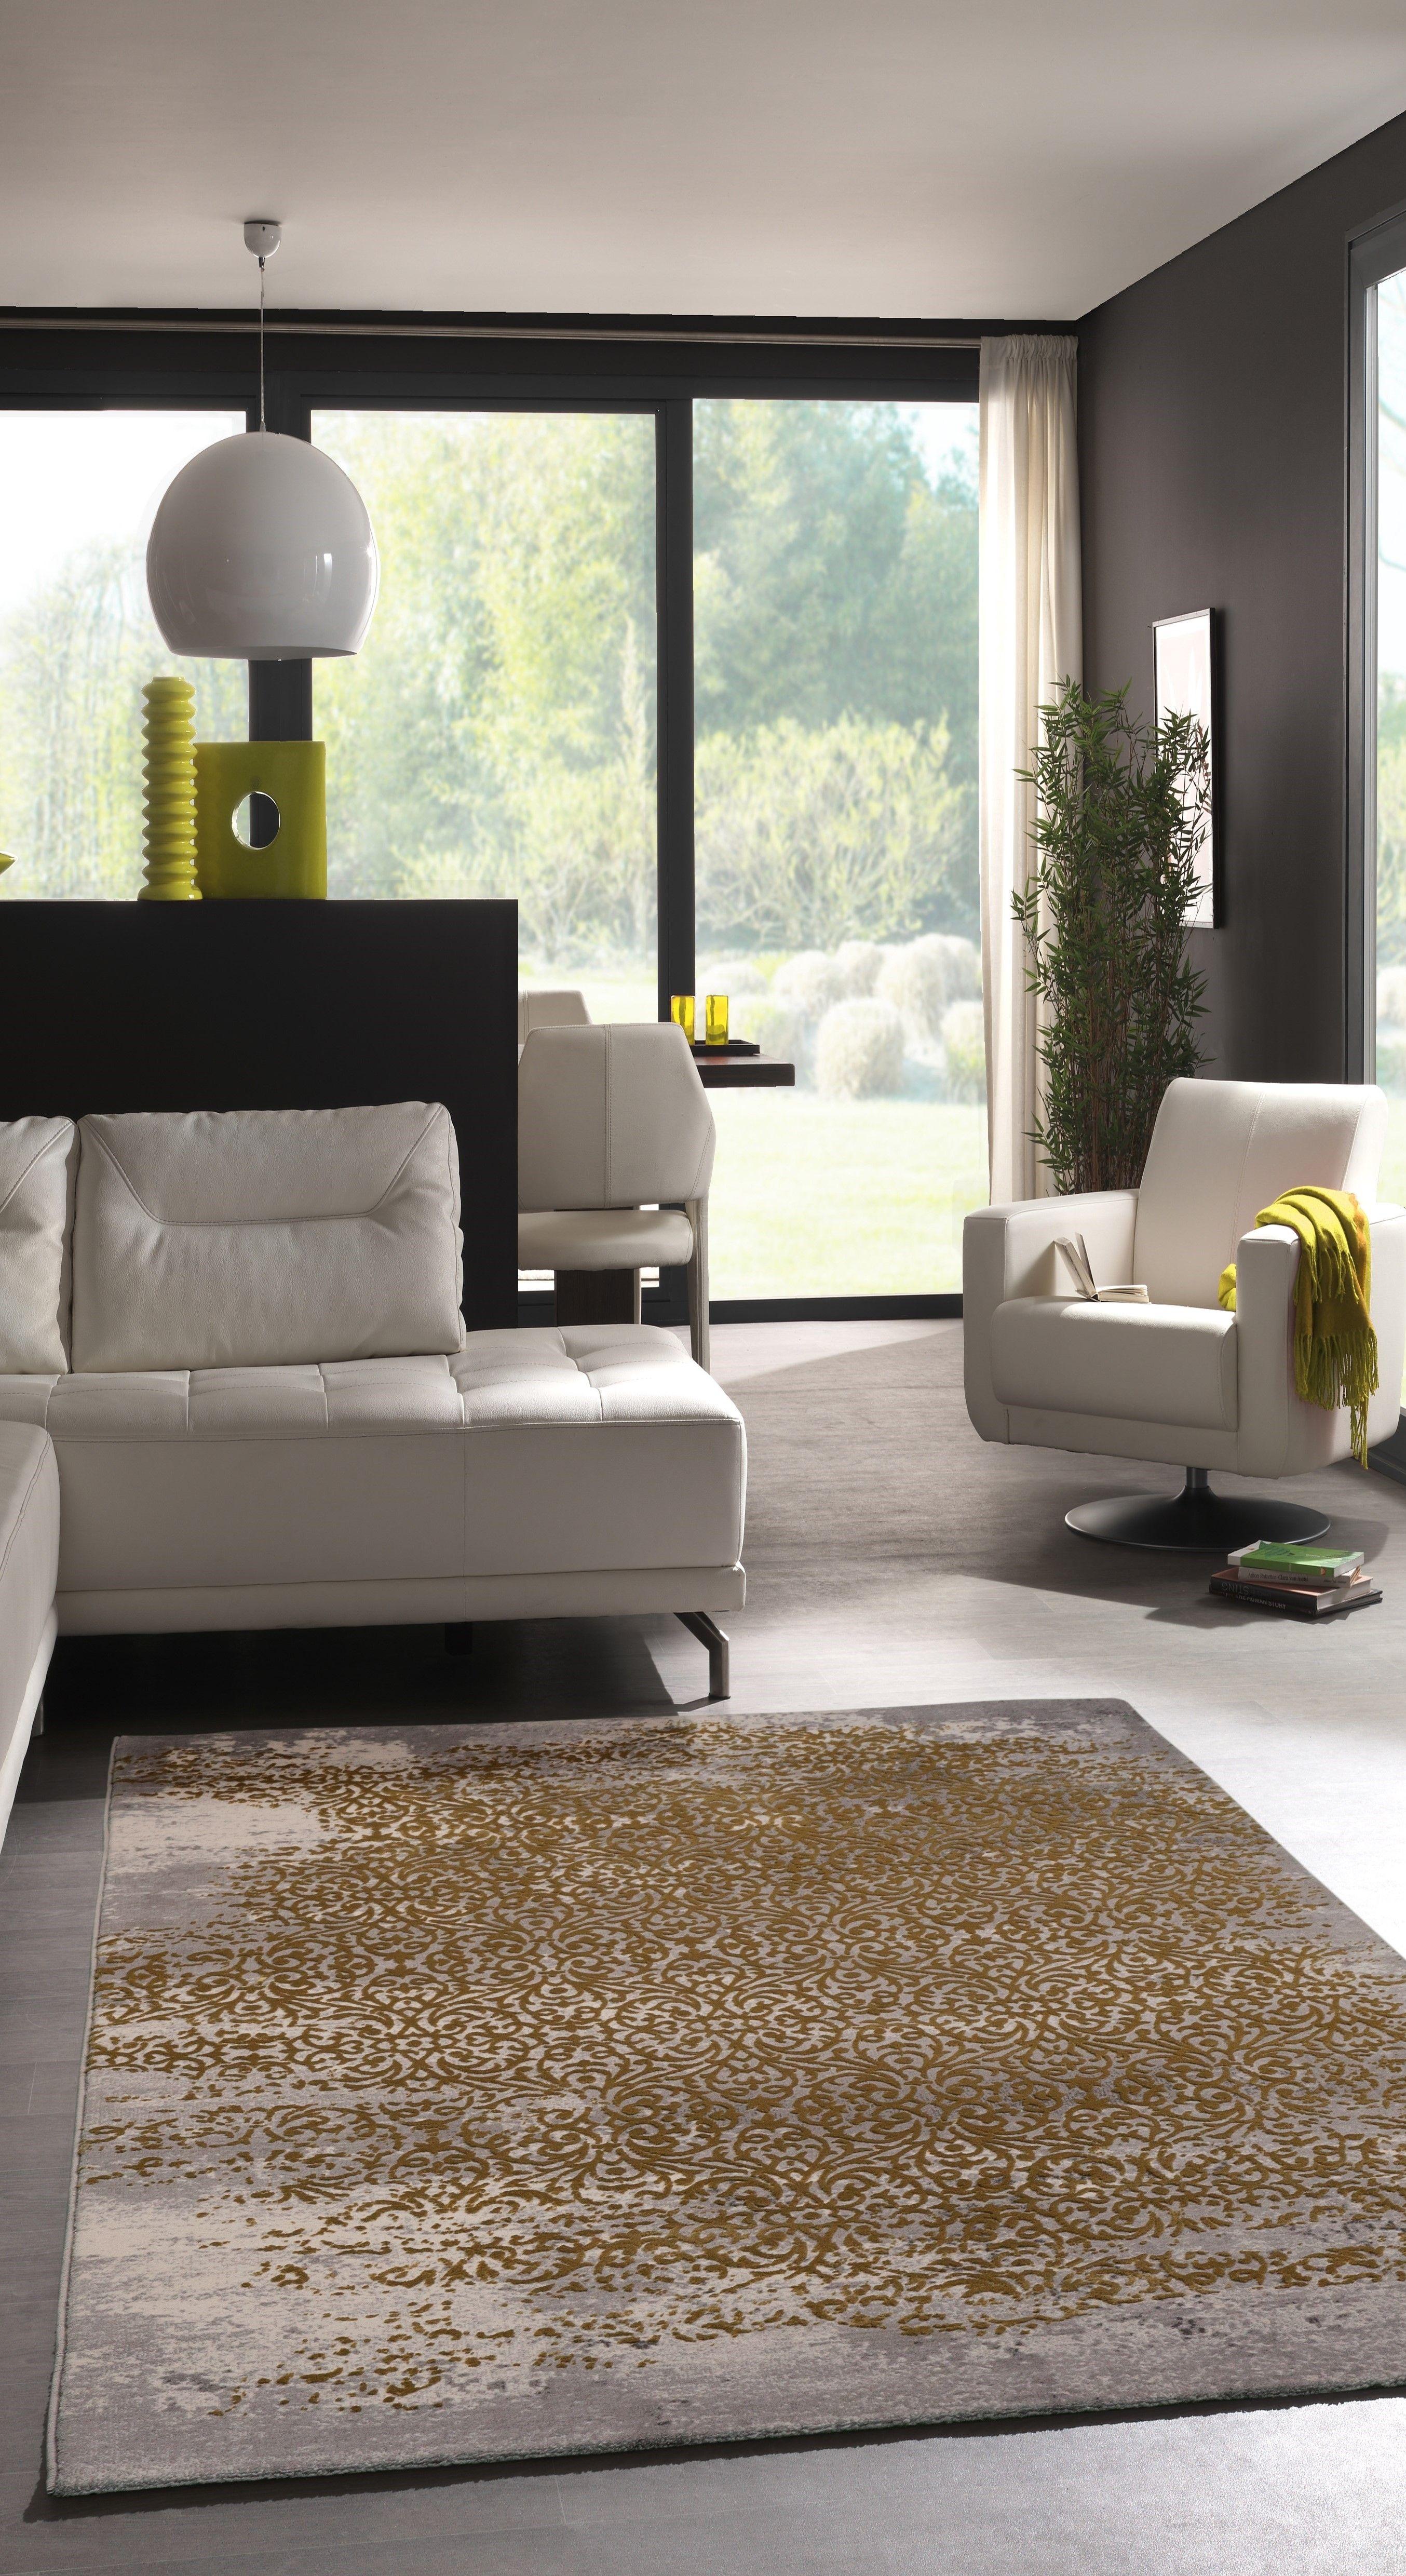 Teppich Vecchio in Beige/Grau | Wohnbereich, Teppiche und Vintage